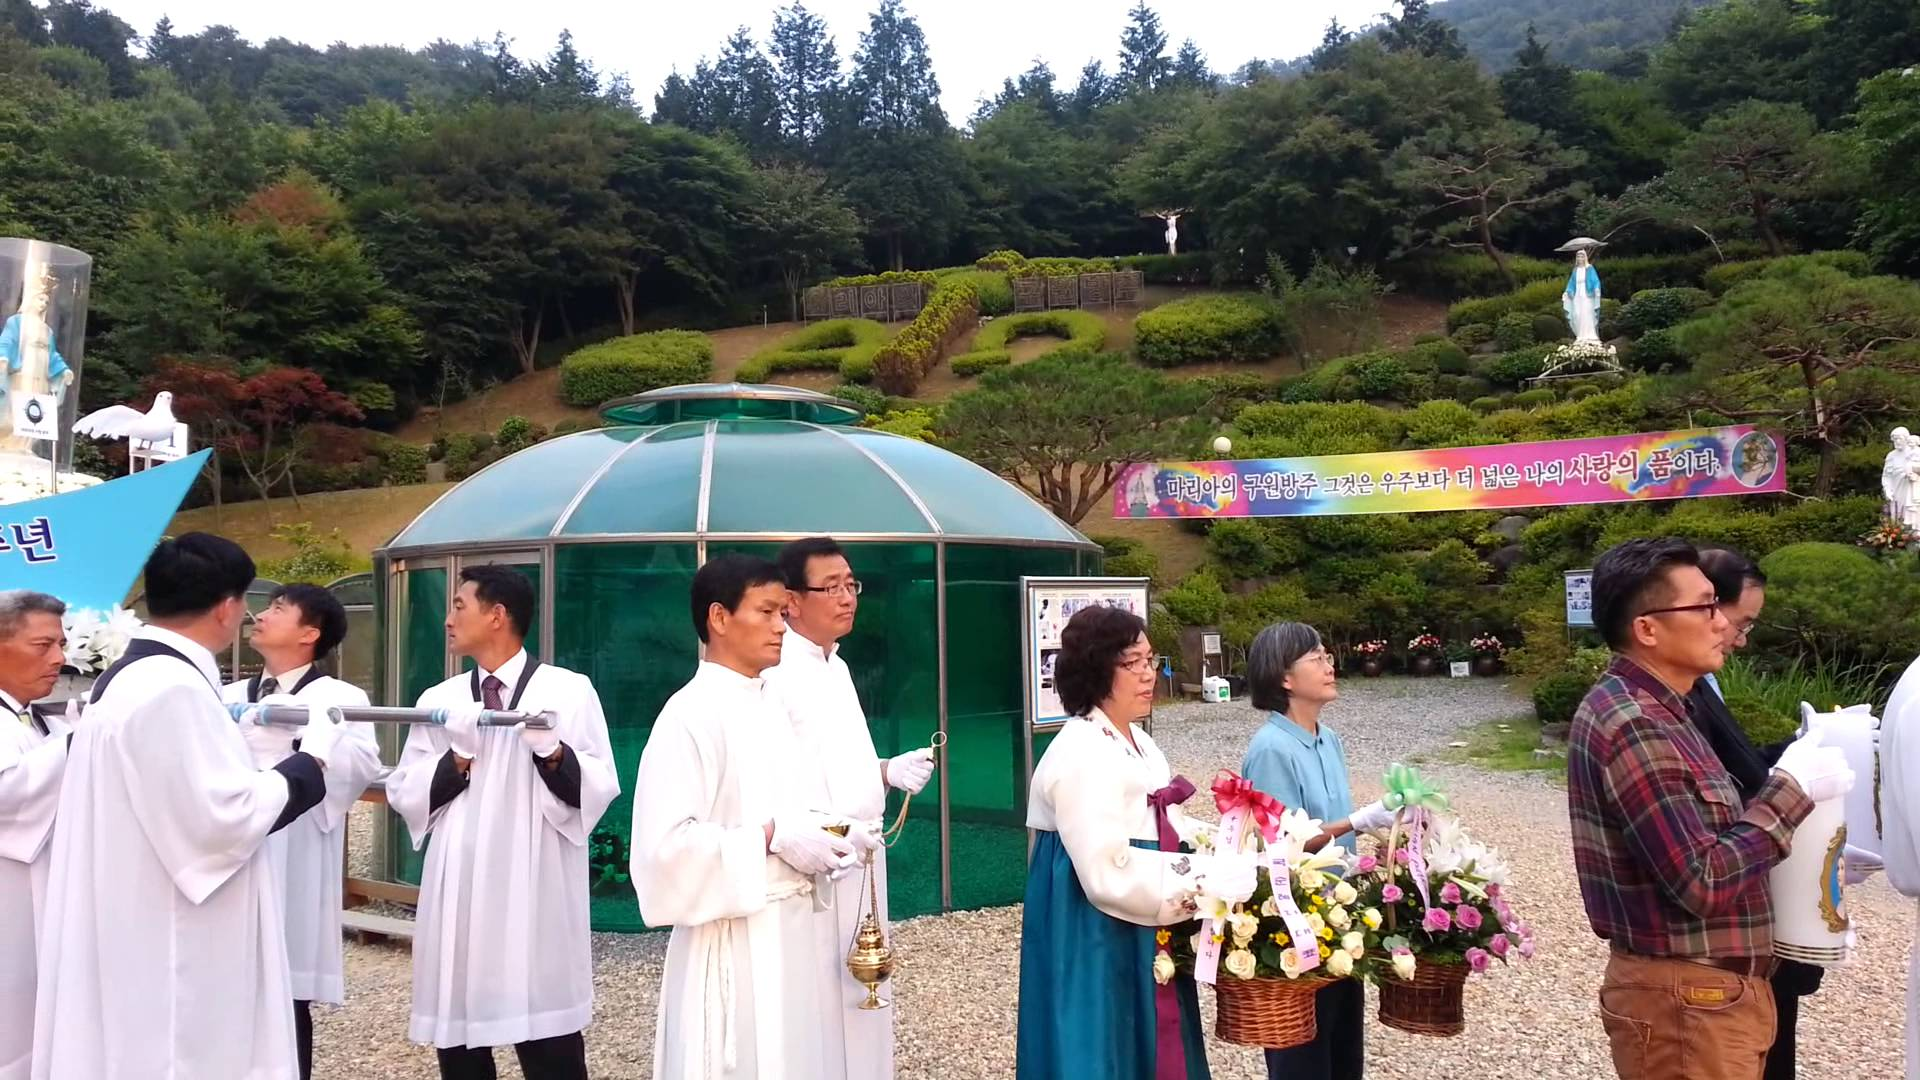 Aparición con Grandes Sobrenaturalidades: Nuestra Señora de Naju, Corea (30 jun)